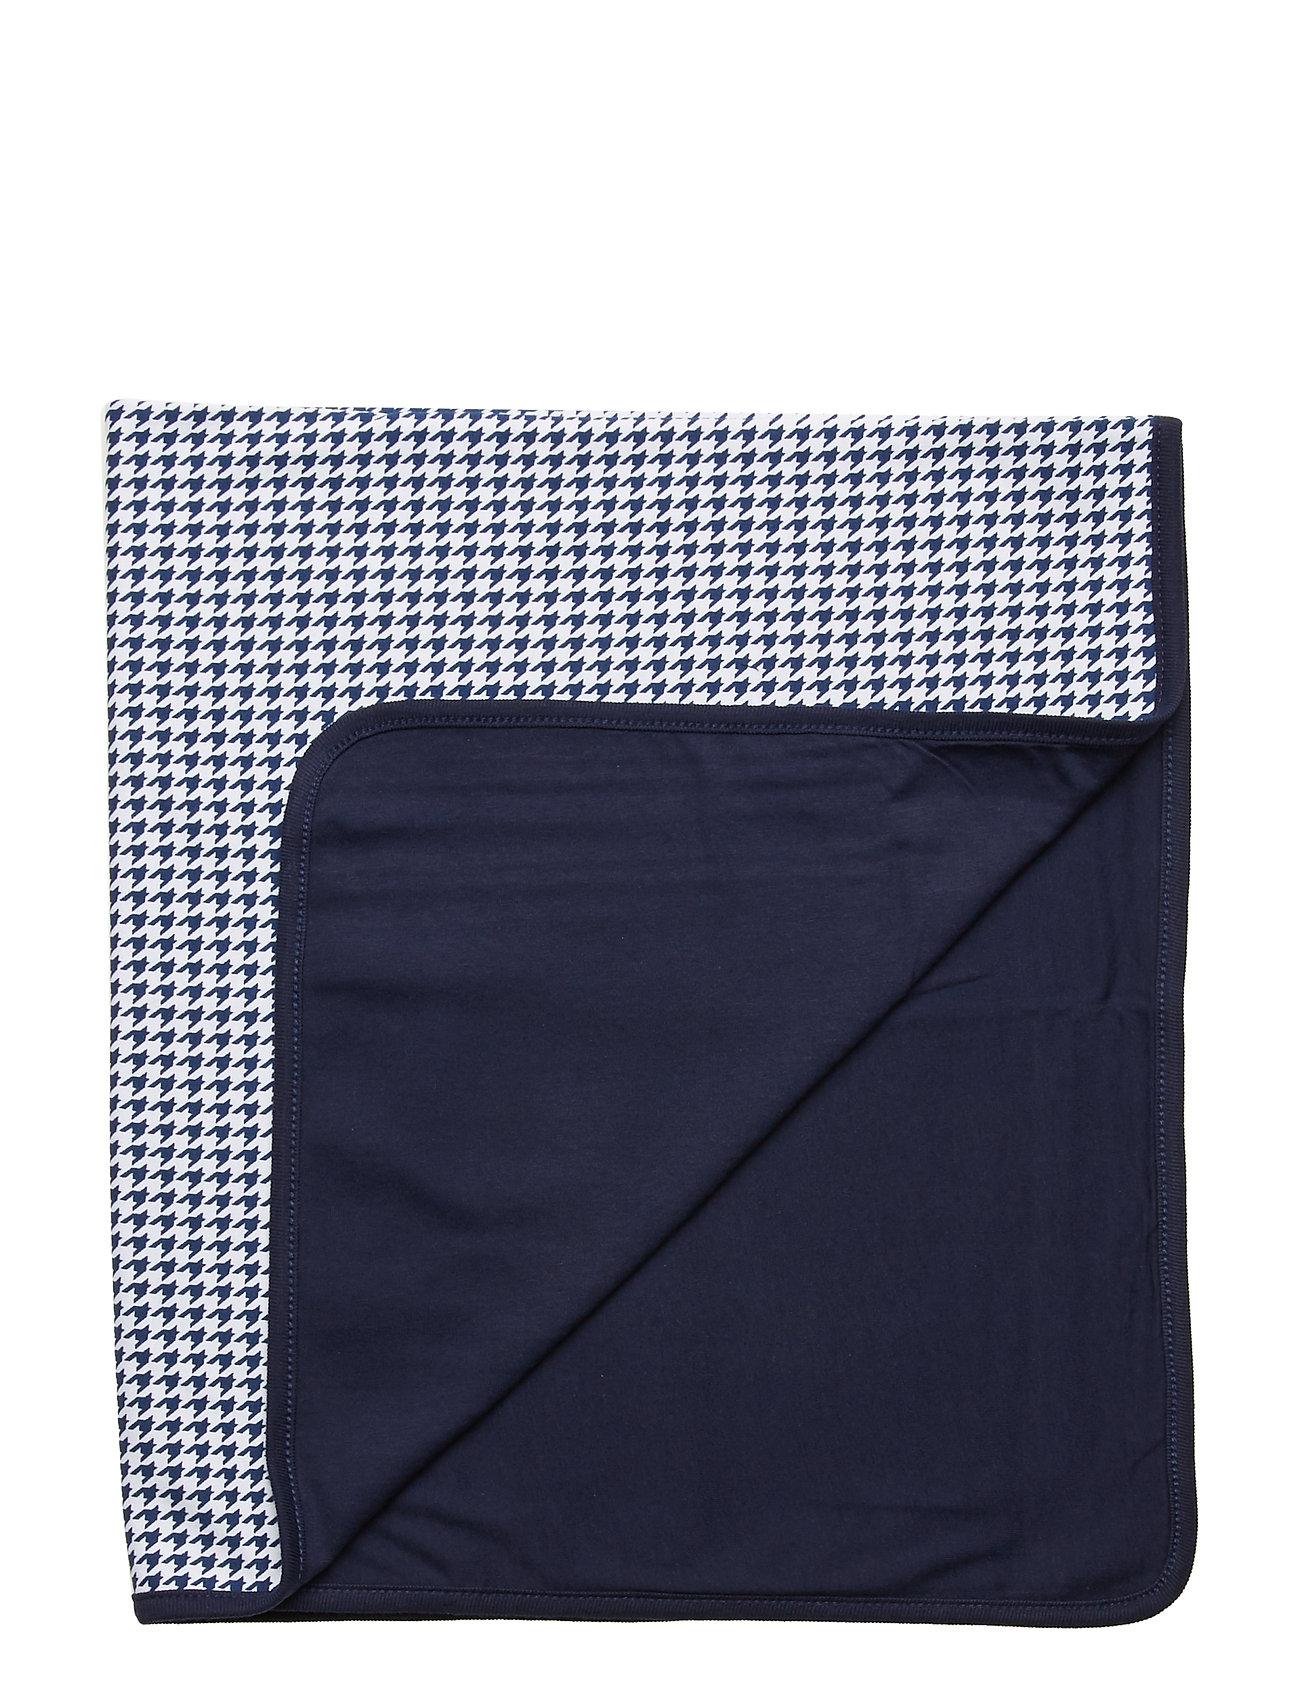 Ralph Lauren Baby Print Cotton Blanket - NAVY MULTI